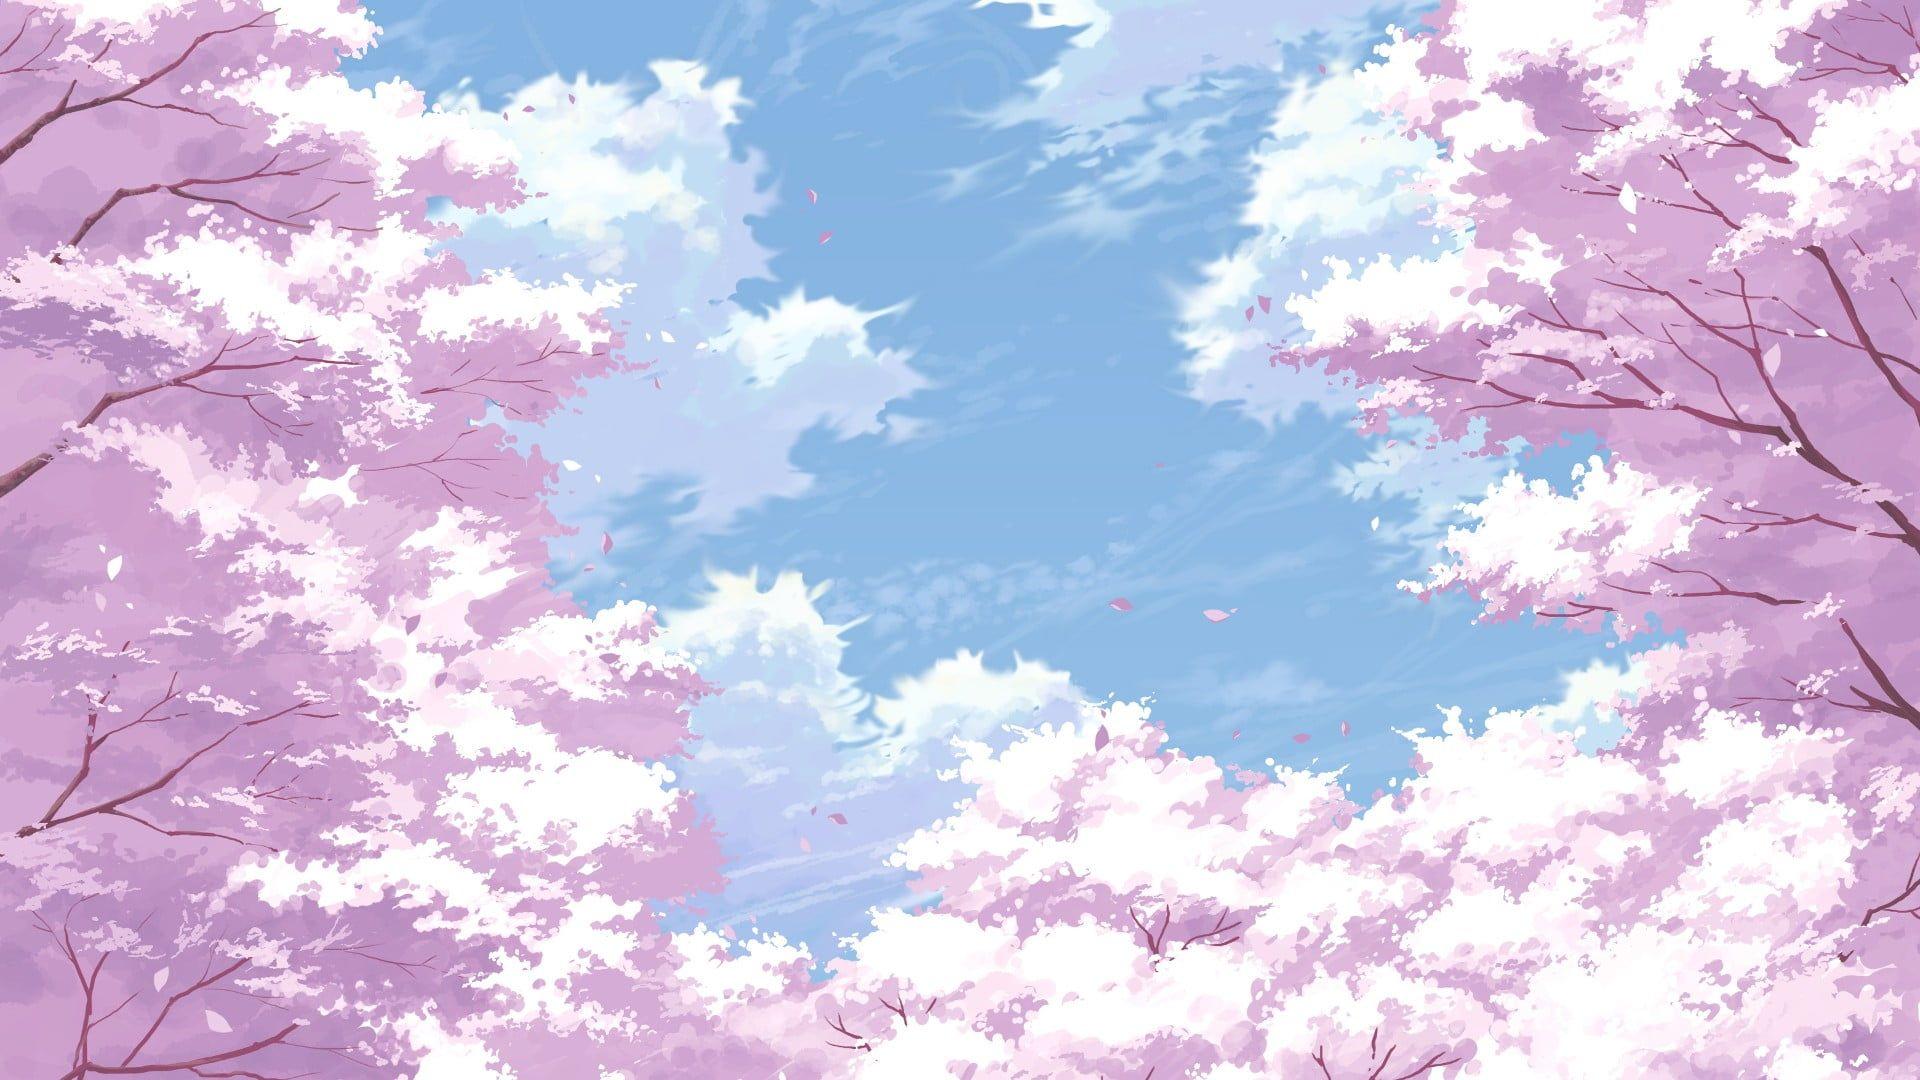 Cherry Blossom Digital Wallpaper Cherry Blossom 1080p Wallpaper Hdwallpaper Desktop In 2020 Anime Scenery Wallpaper Cherry Blossom Wallpaper Anime Cherry Blossom